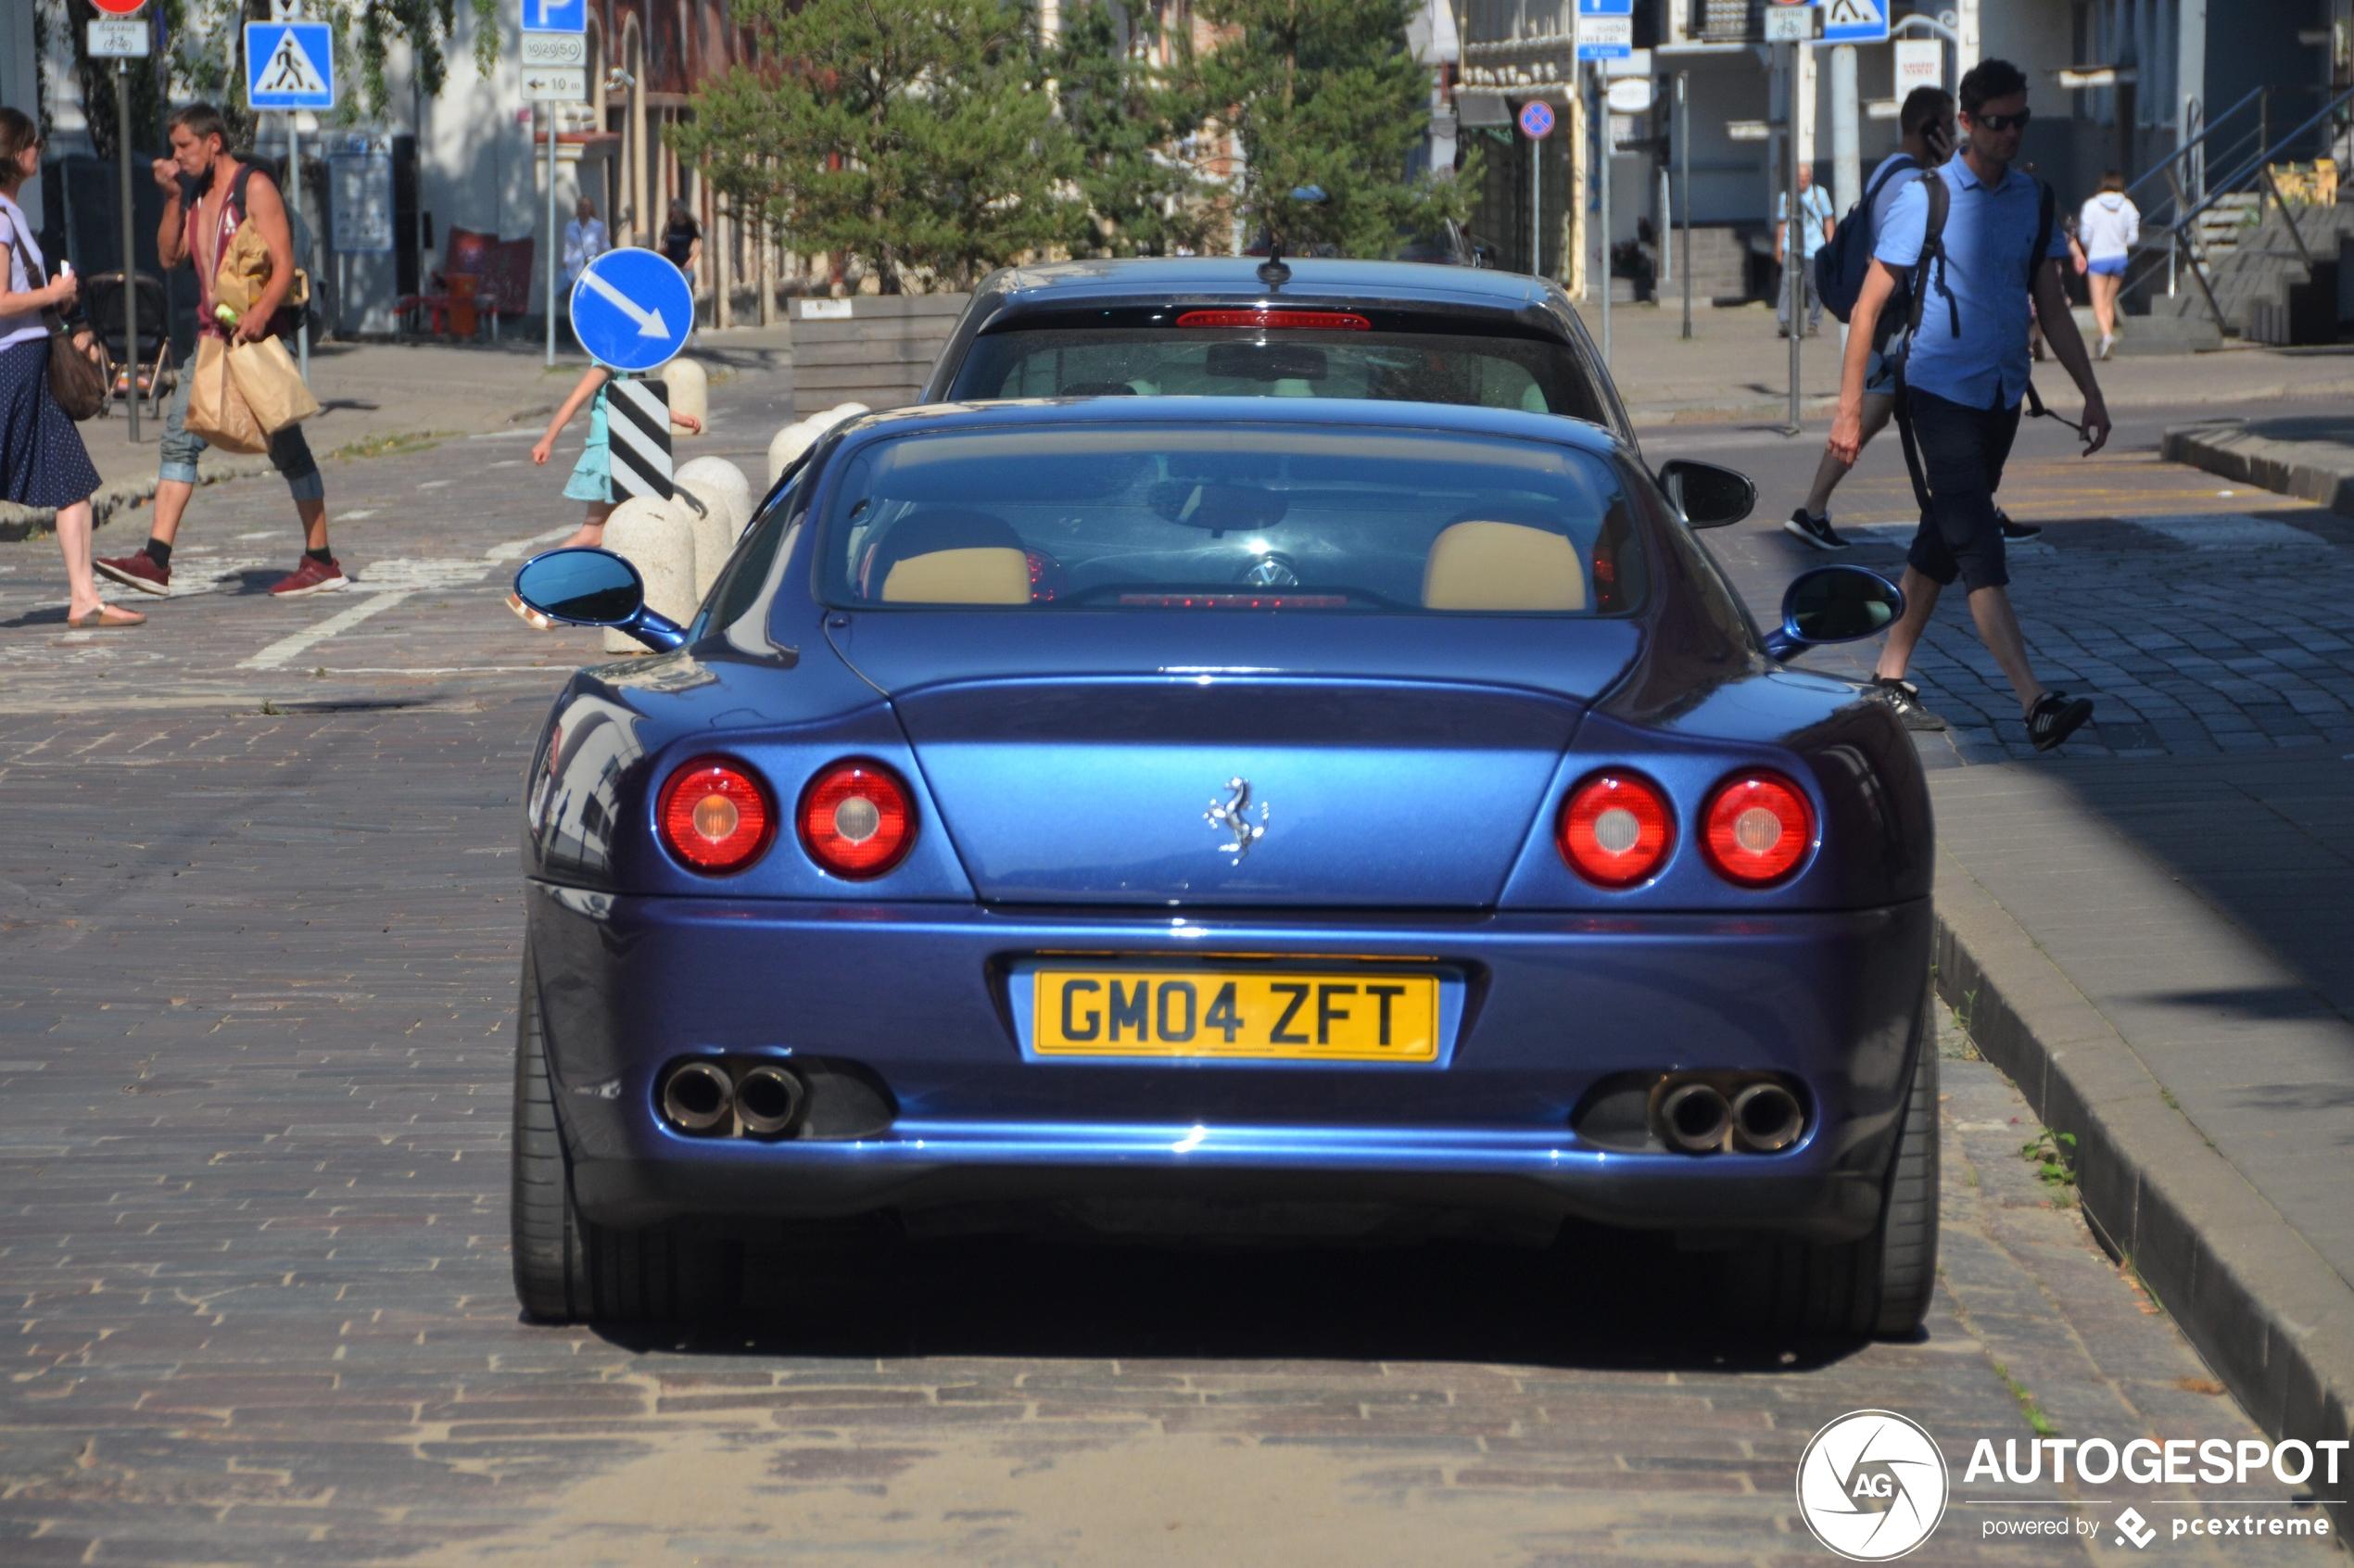 Ferrari575 M Maranello